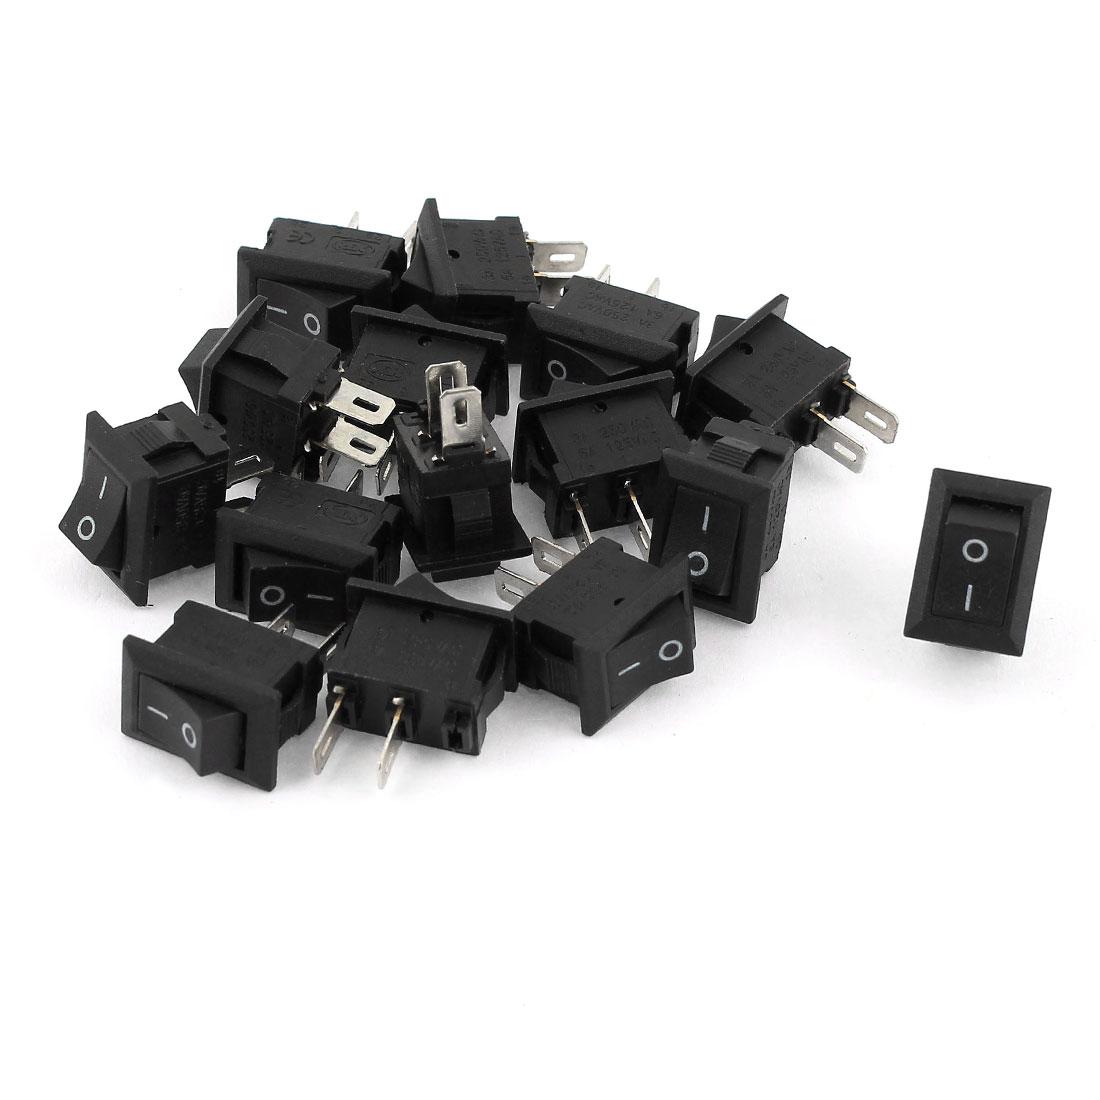 15pcs AC 6A 125V 3A 250V 2 Position 2 Pin Panel Mounting SPST Rocker Switch